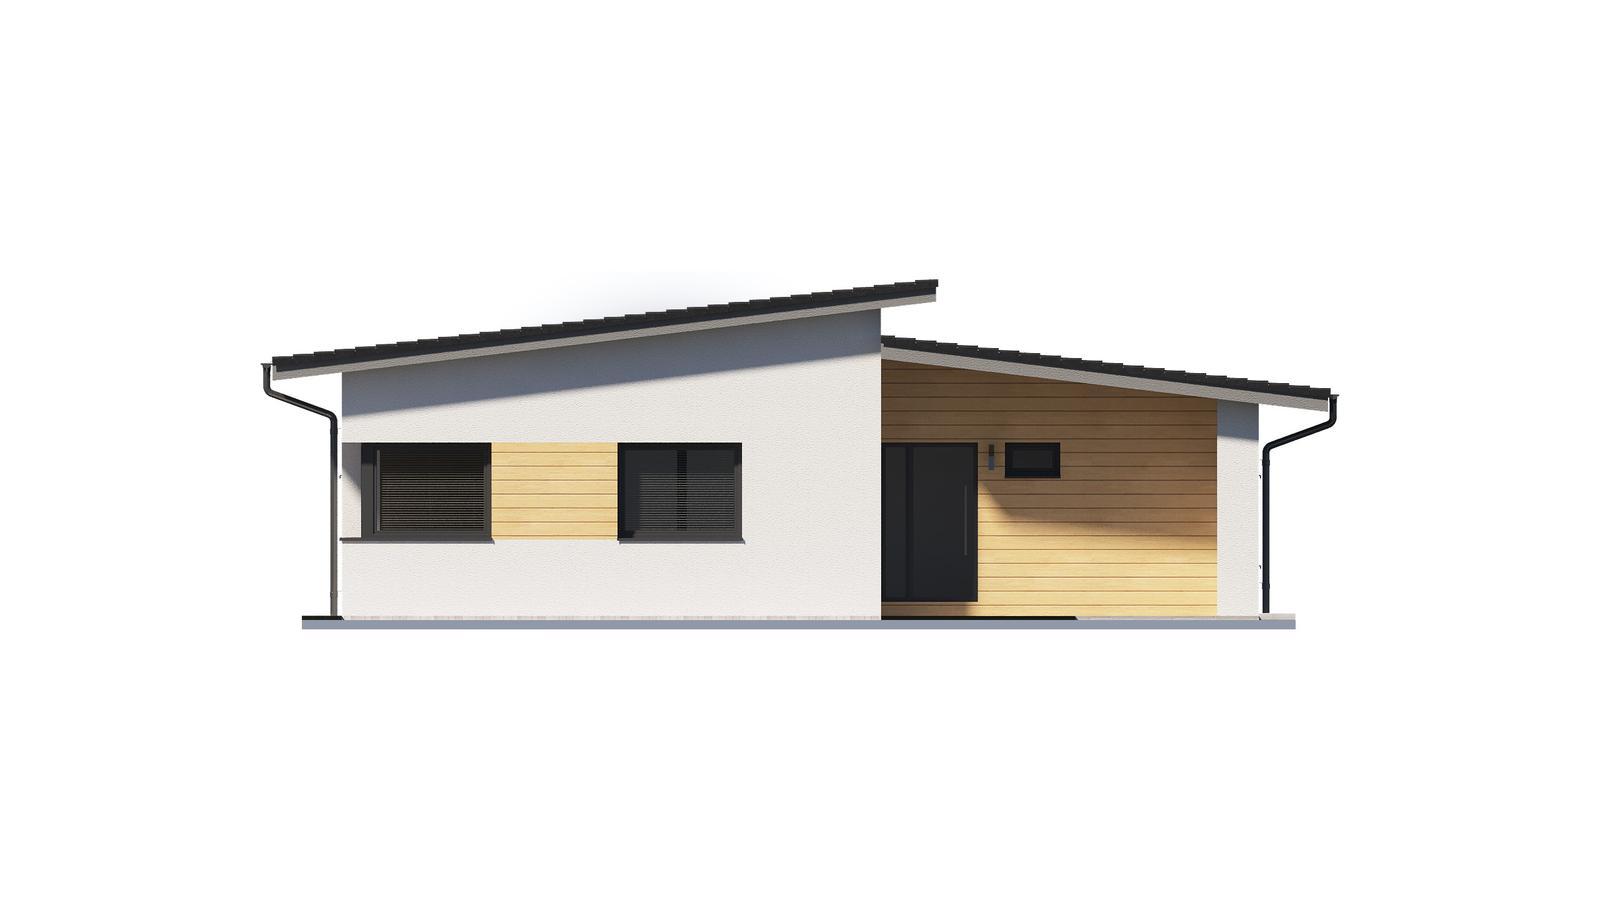 Ďalšie ukážky návrhov domčekov pre Vás - www.rodinny-dom.eu - Obrázok č. 10